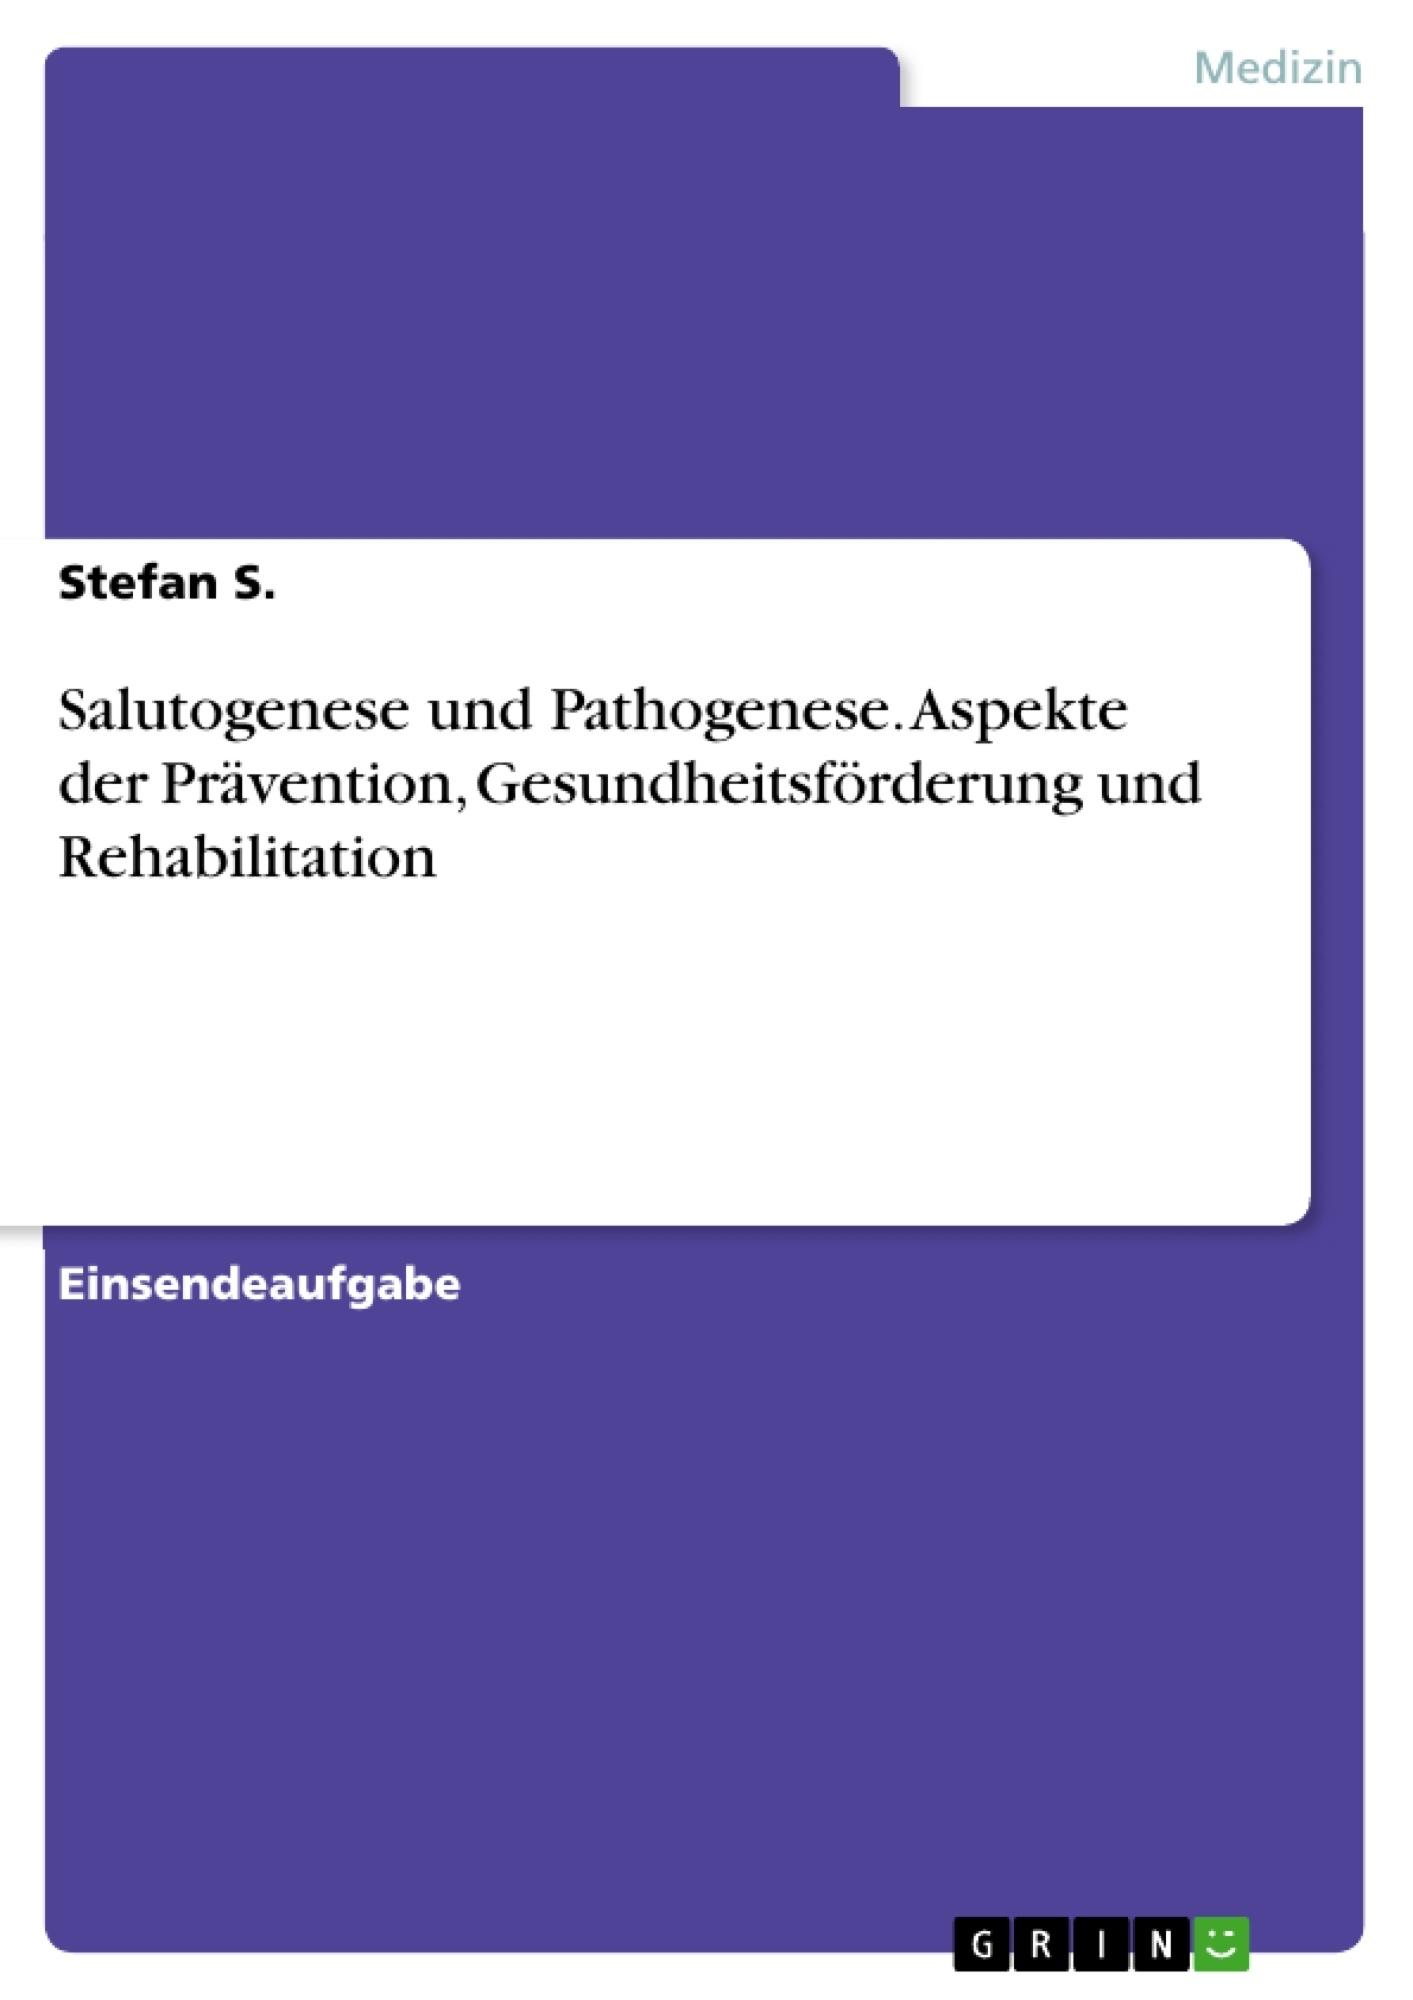 Titel: Salutogenese und Pathogenese. Aspekte der Prävention, Gesundheitsförderung und Rehabilitation